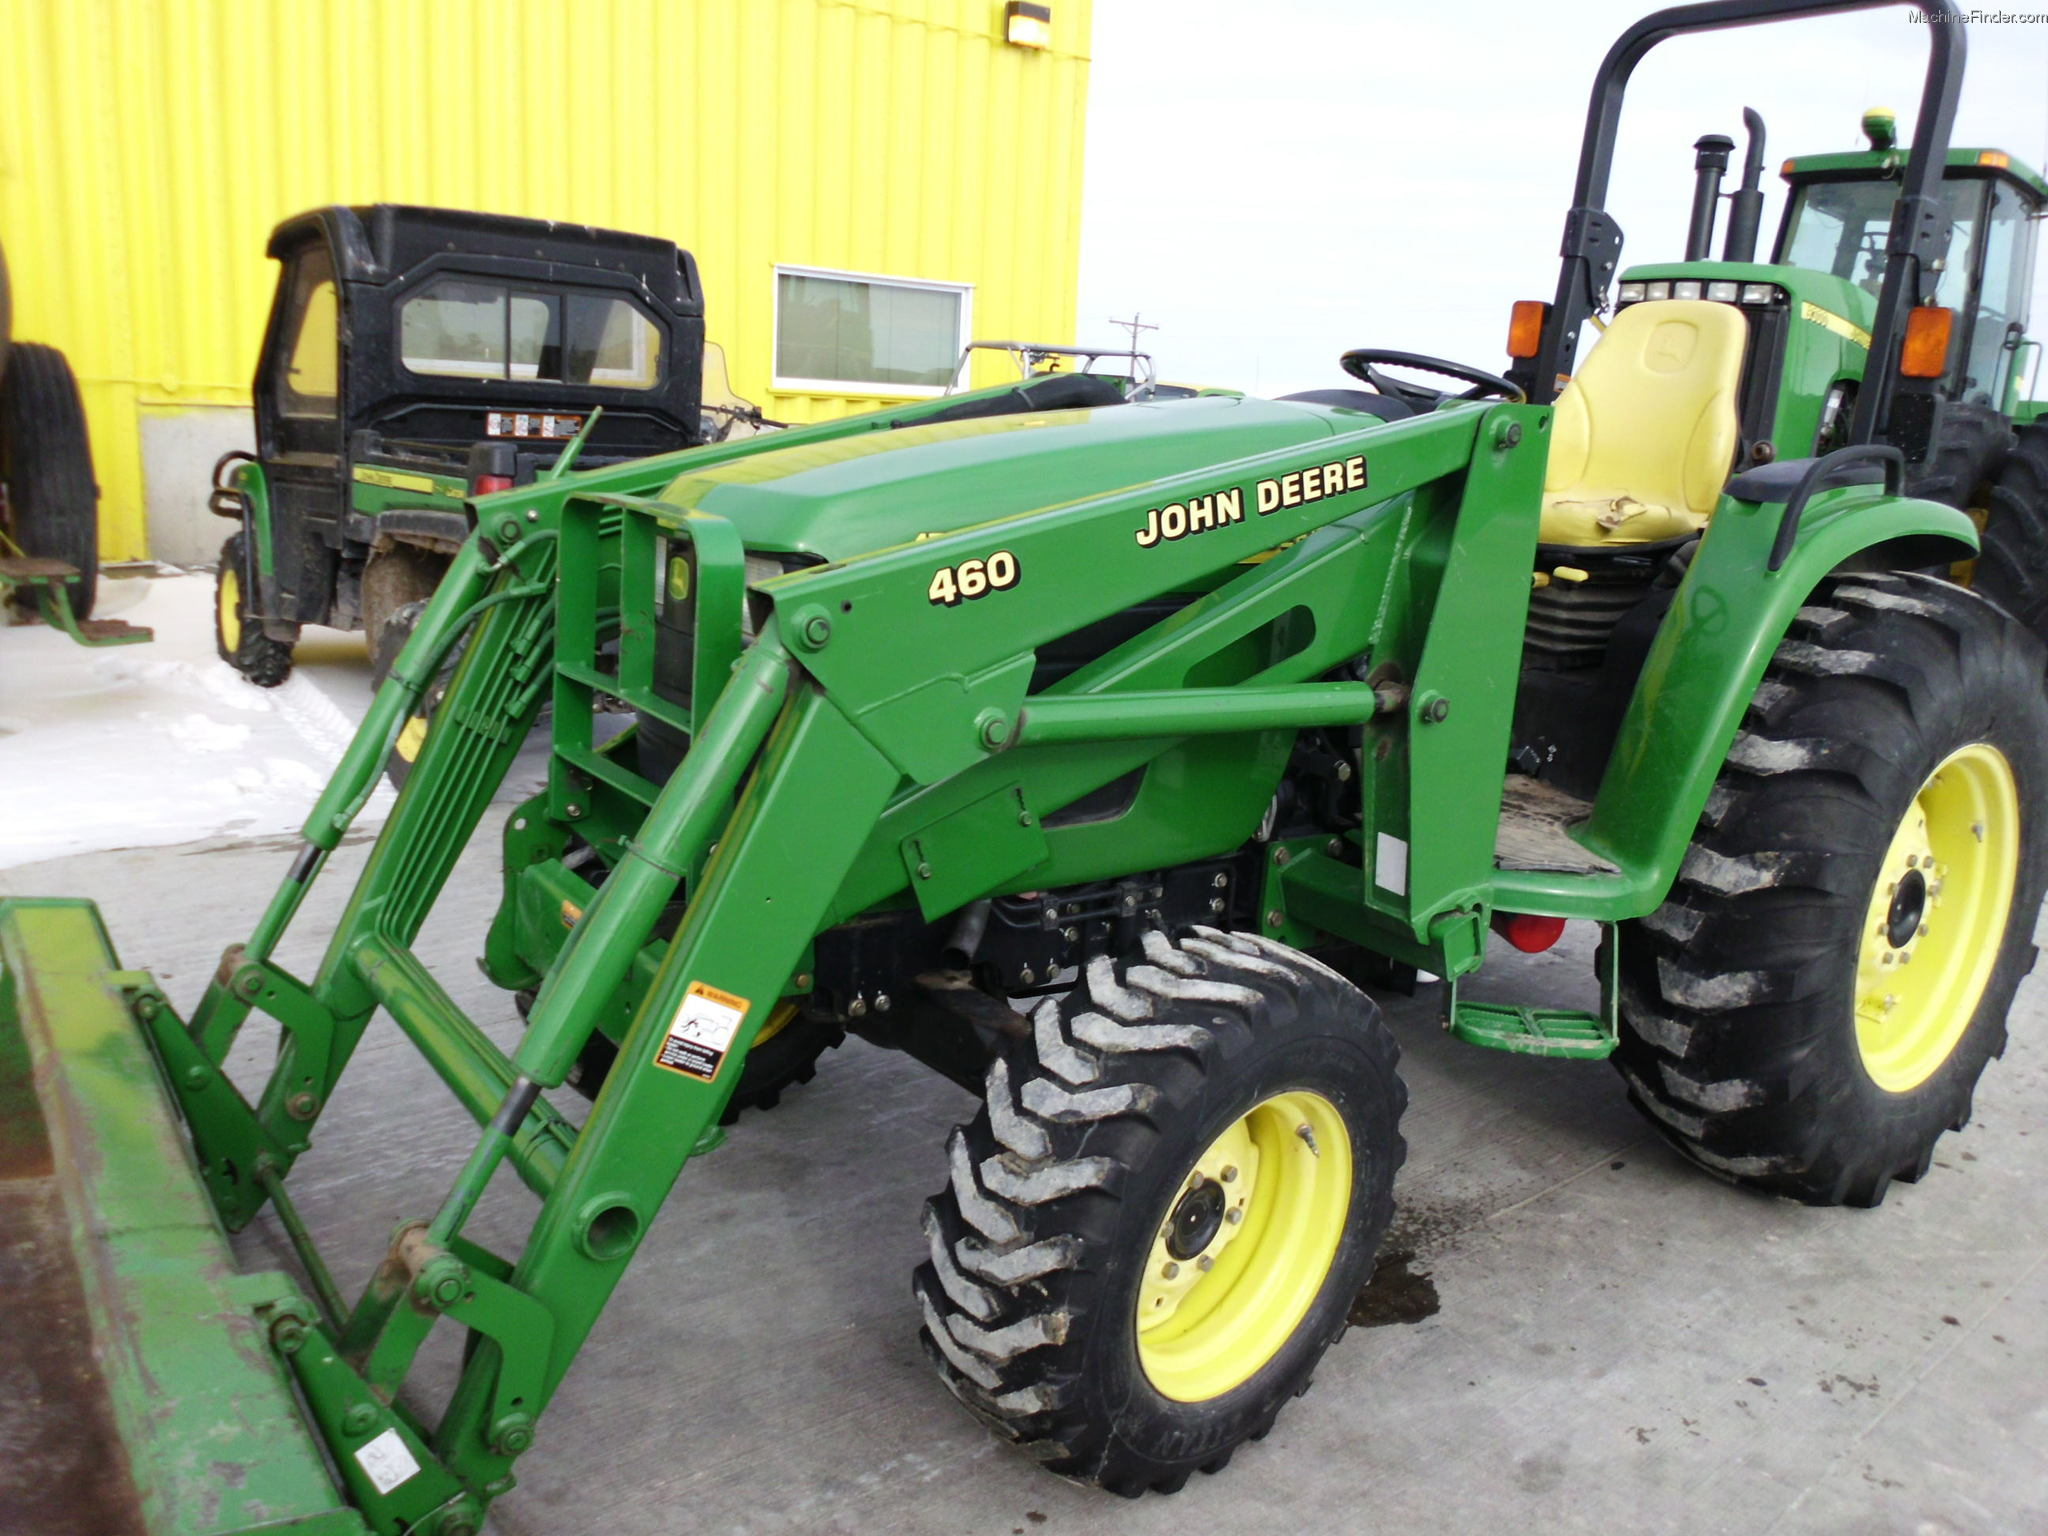 John Deere 4710 Compact Tractor : Tweet